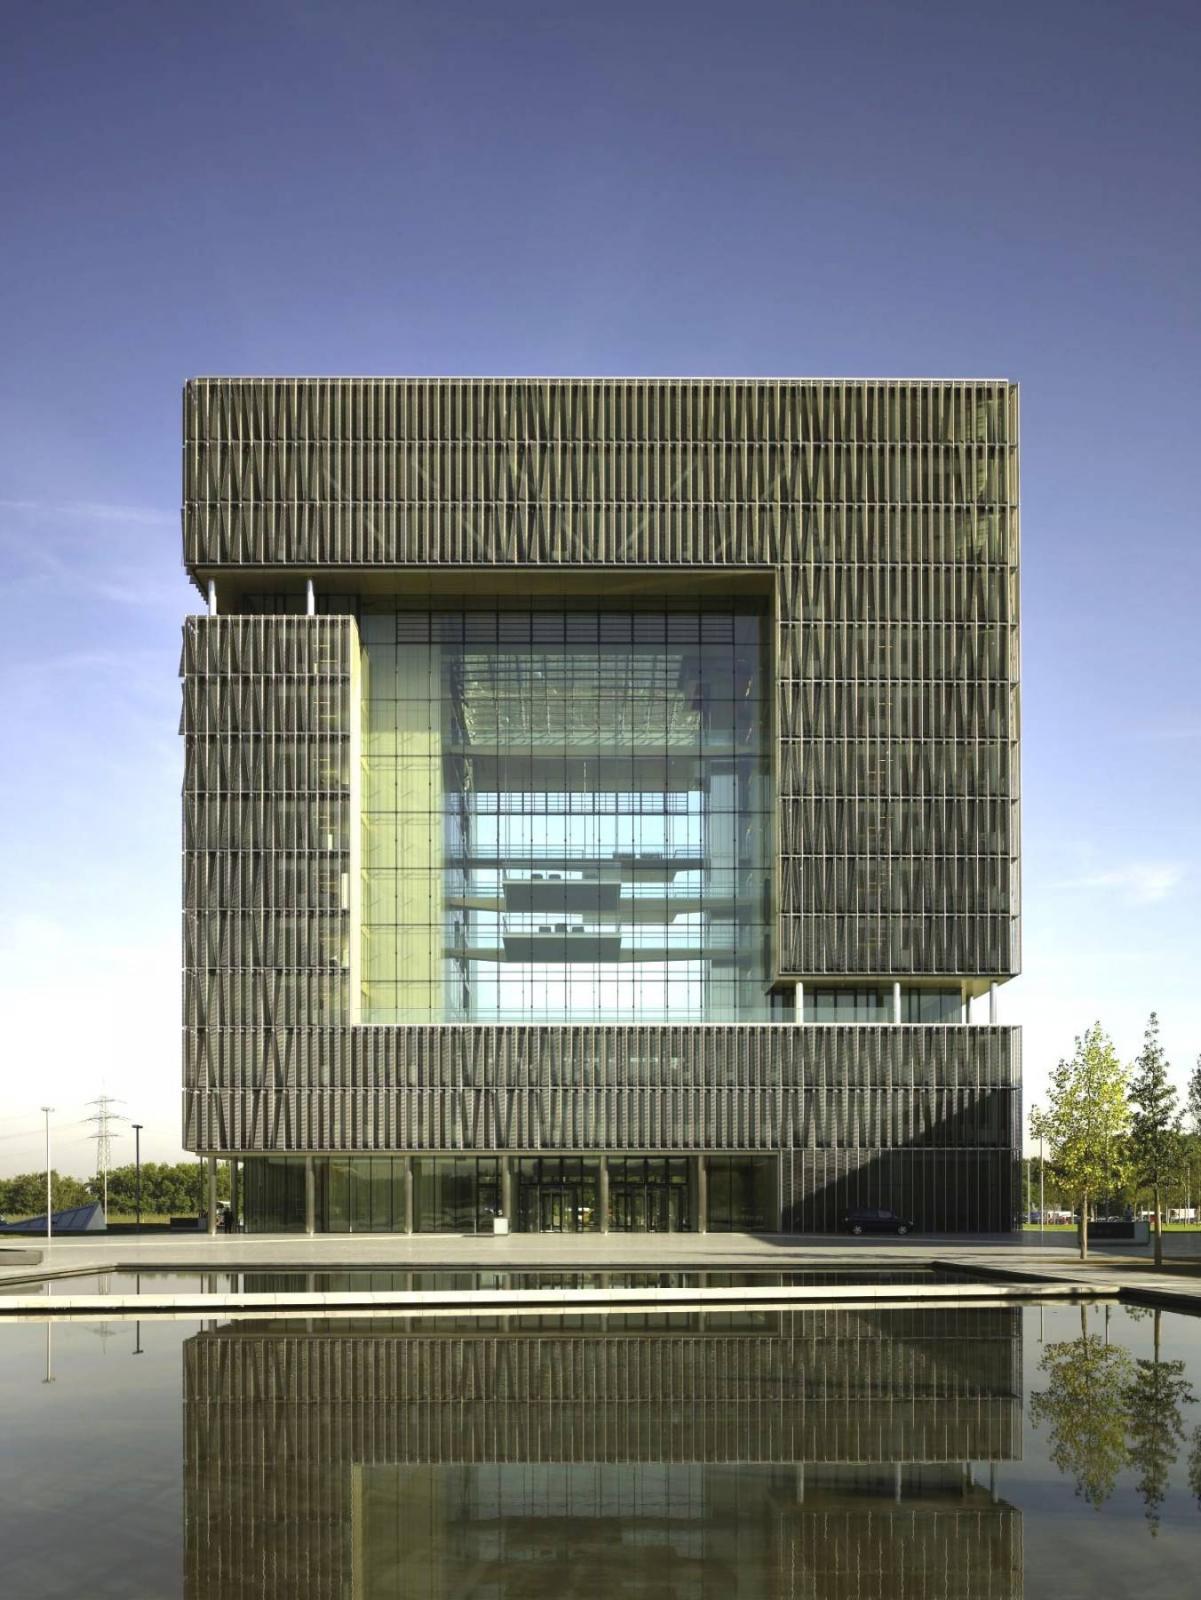 thyssenkrupp headquarter q1 essen architektur baukunst nrw. Black Bedroom Furniture Sets. Home Design Ideas